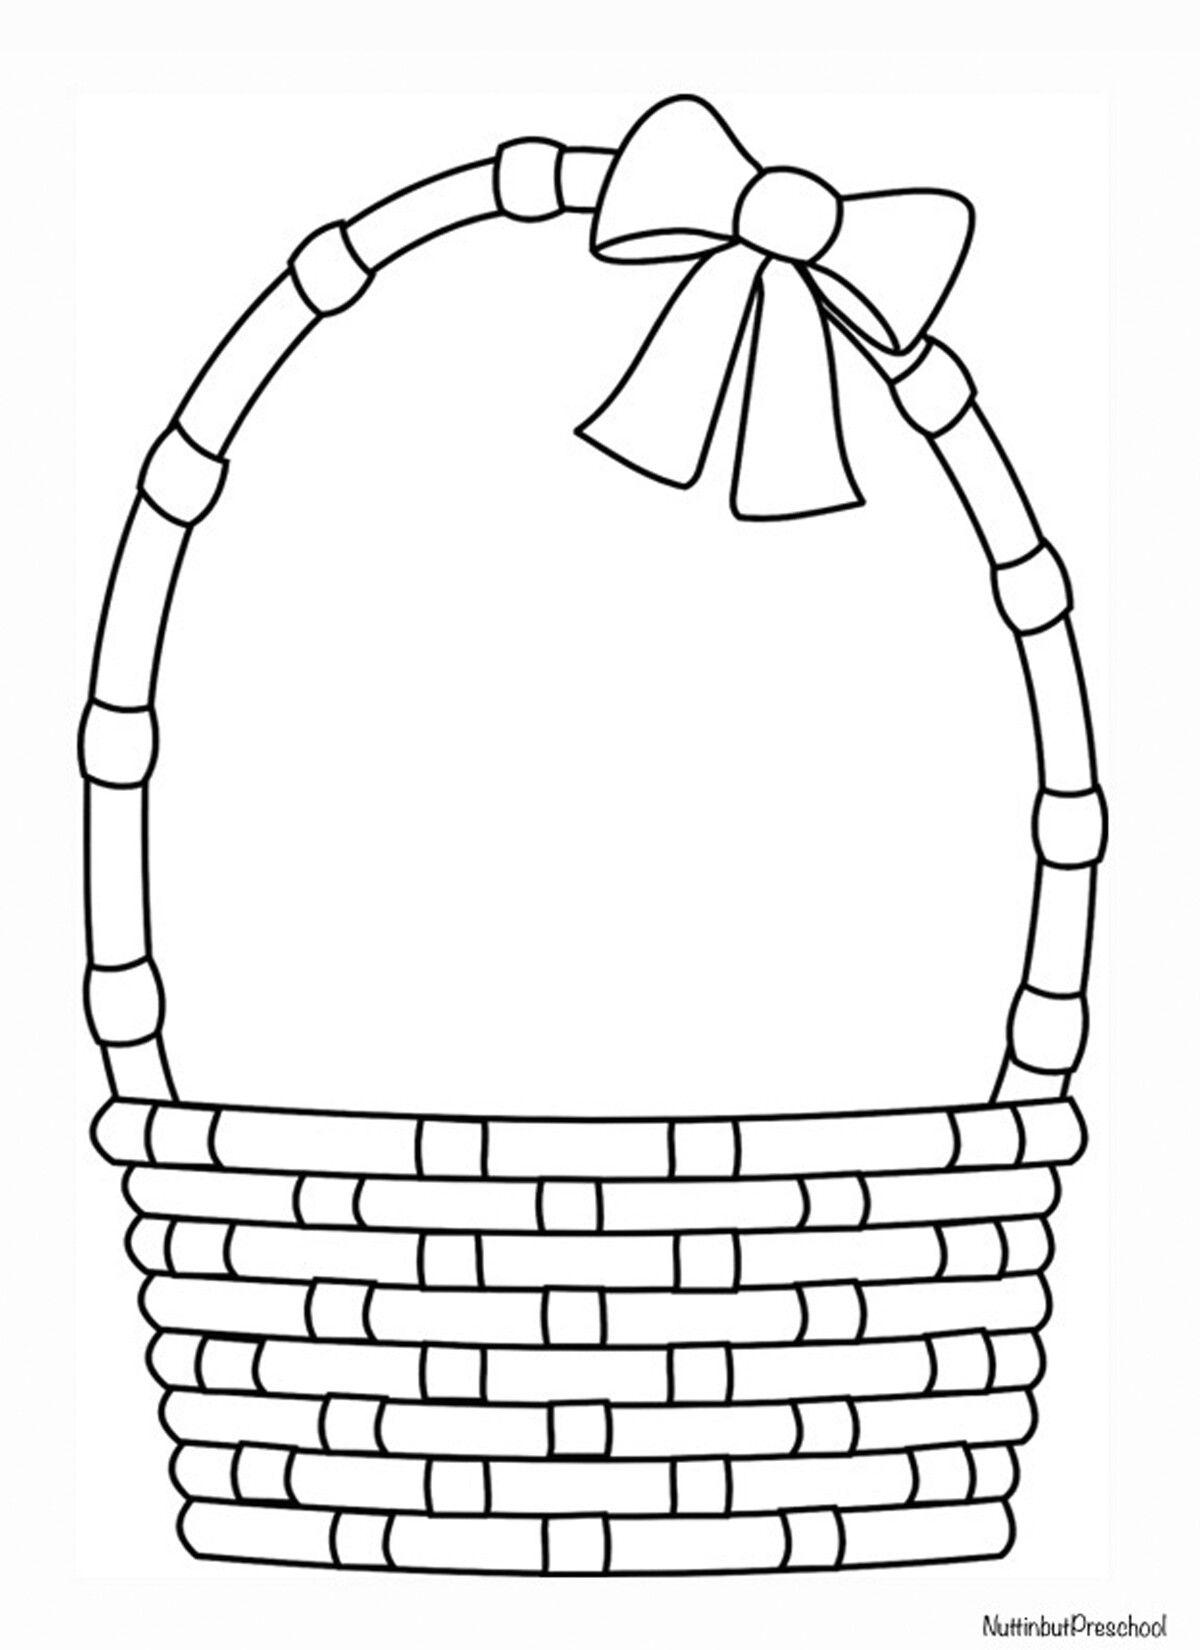 ılgın Adlı Kullanıcının Ilgın Panosundaki Pin Easter Baskets